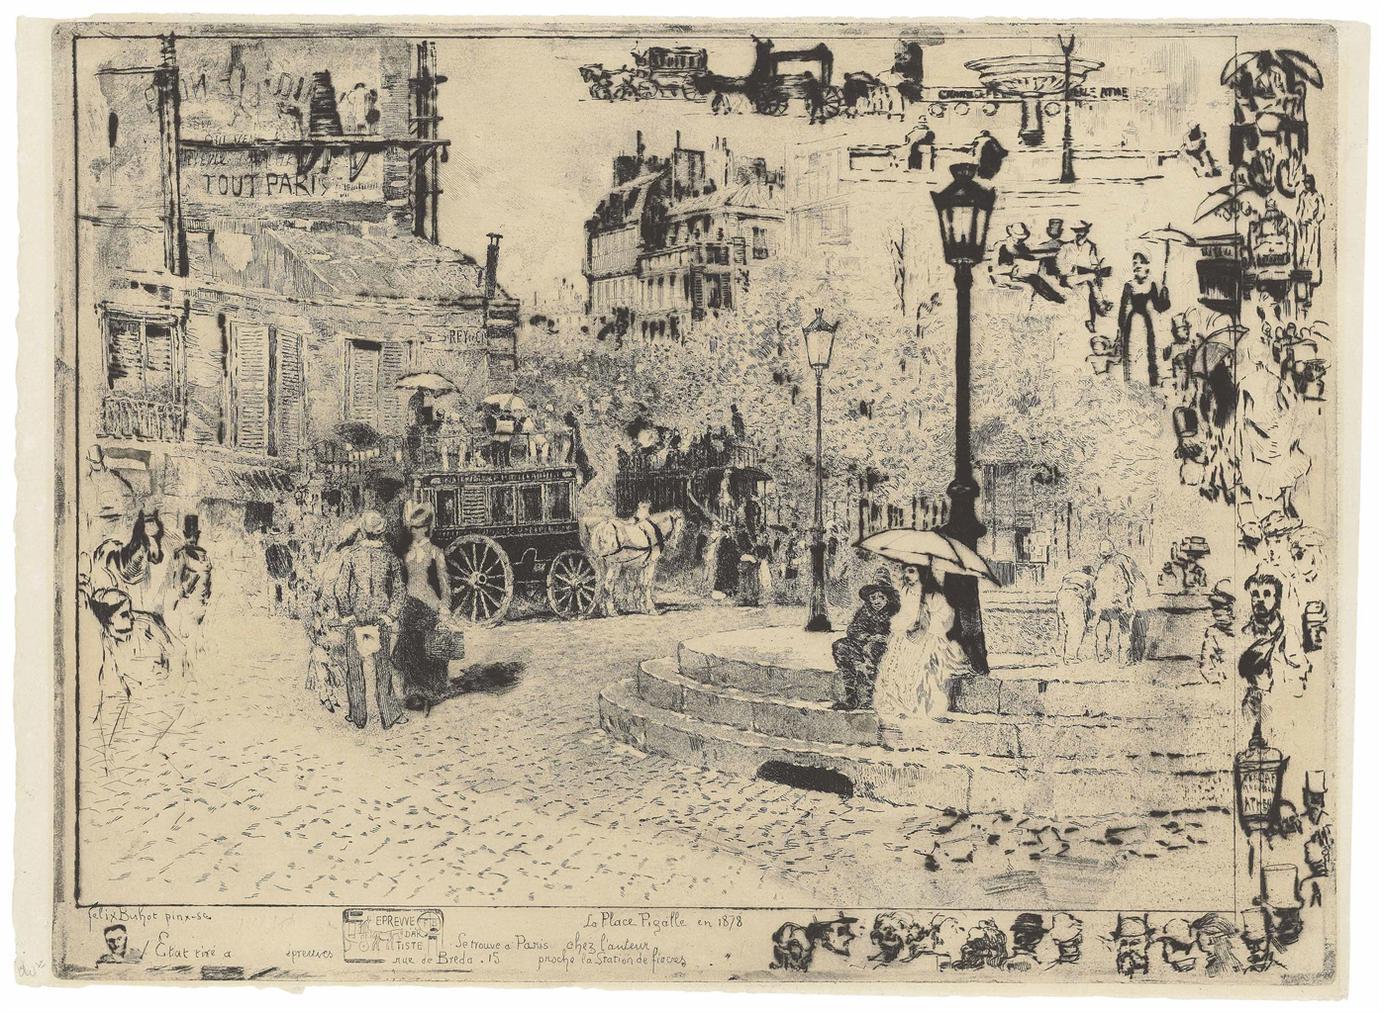 La Place Pigalle En 1878-1878